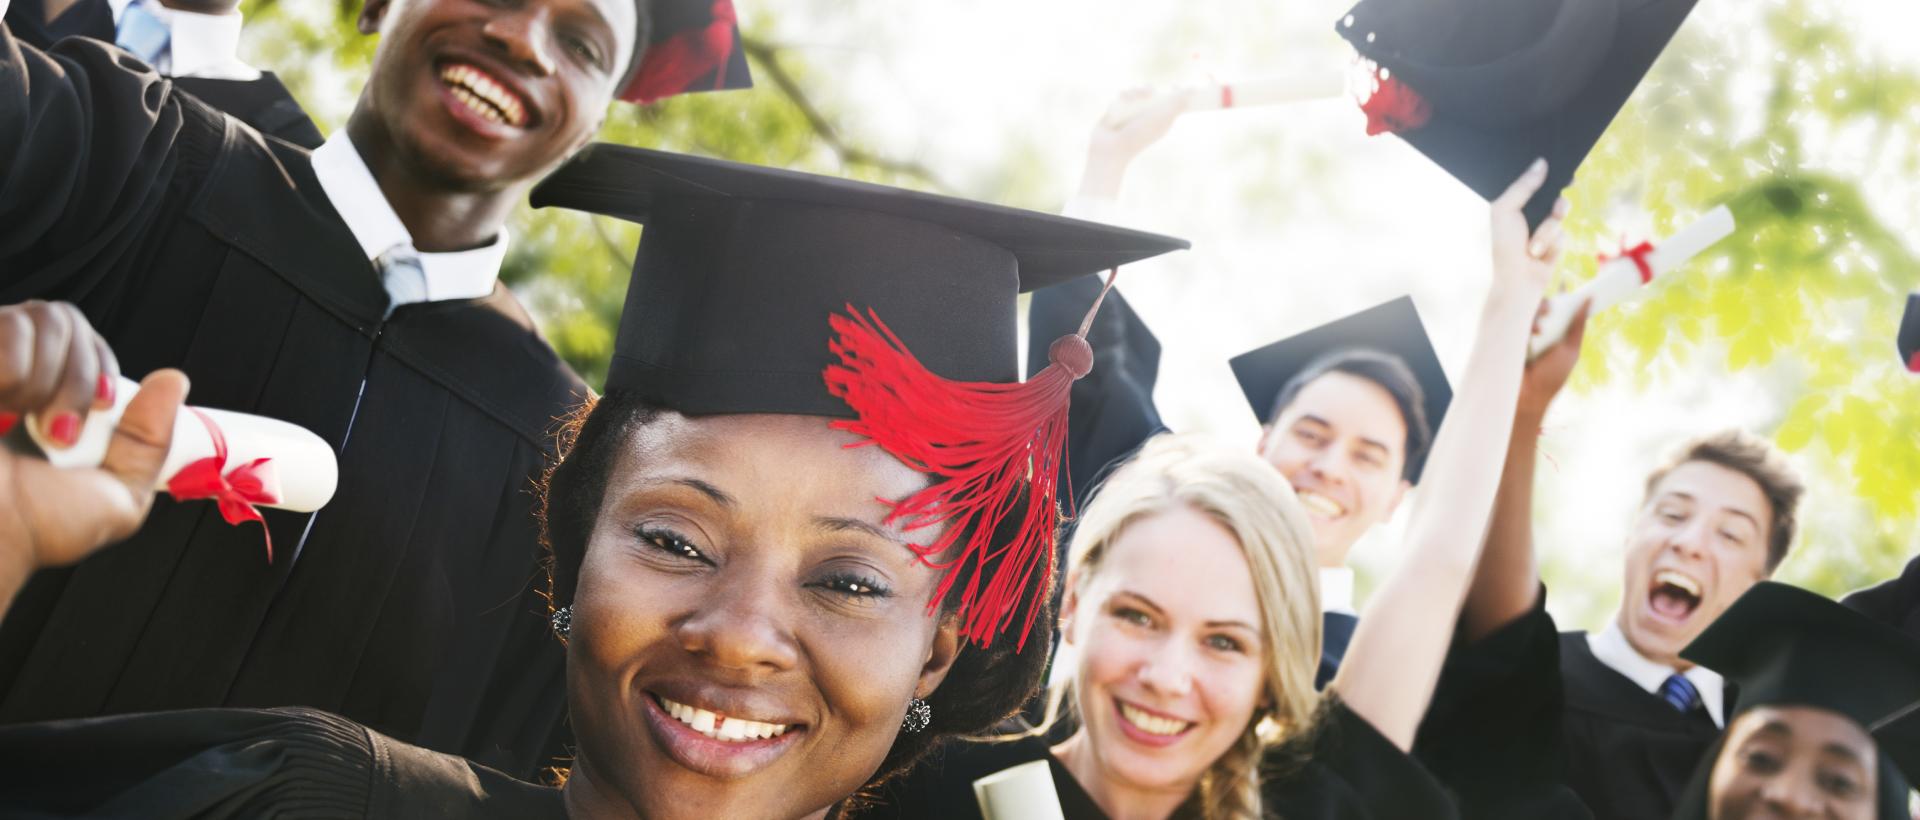 البحث بالجامعات والمنح الدراسية